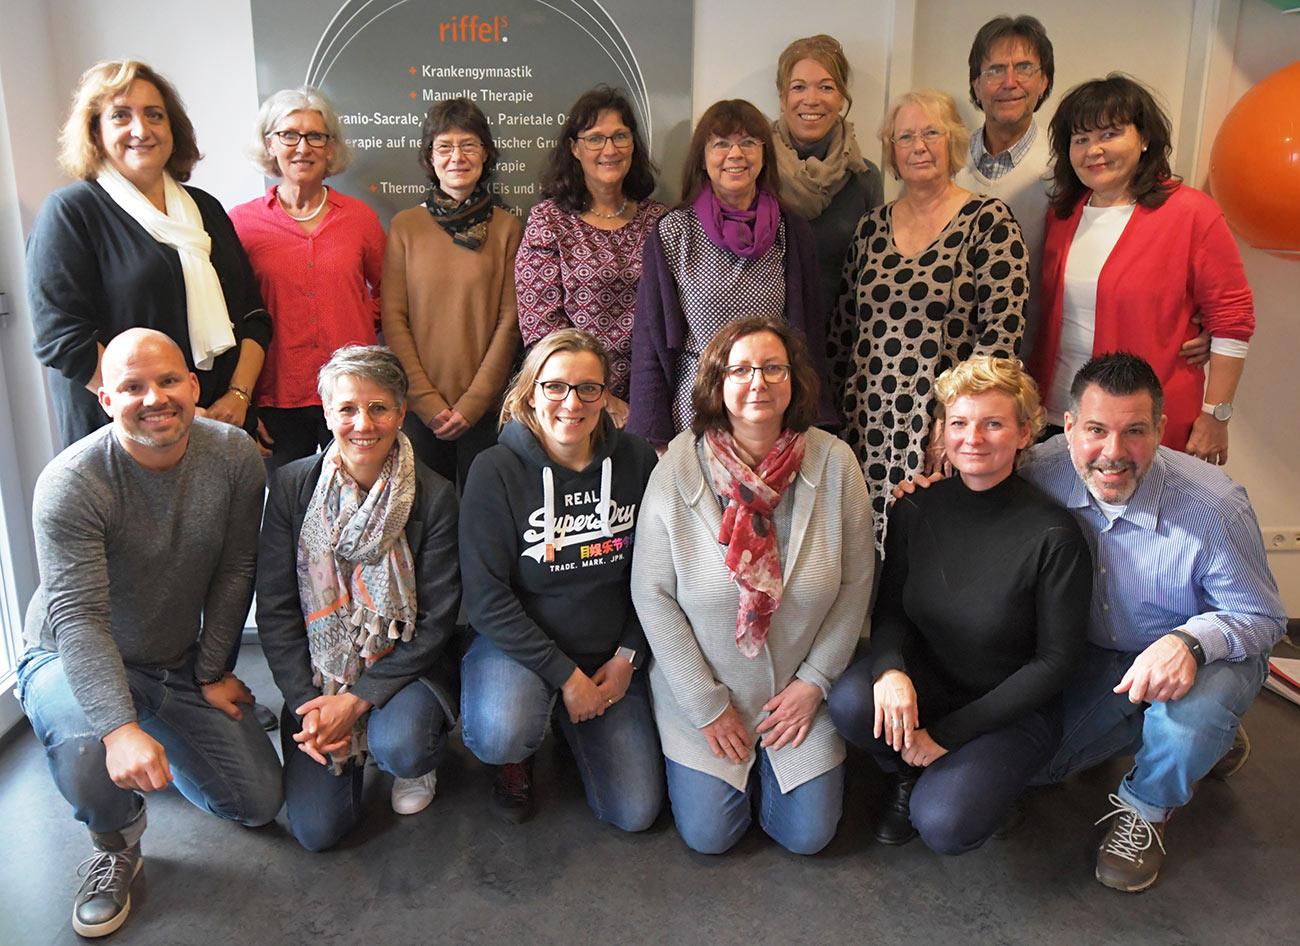 Gruppenfoto beim Seminar im November 2019